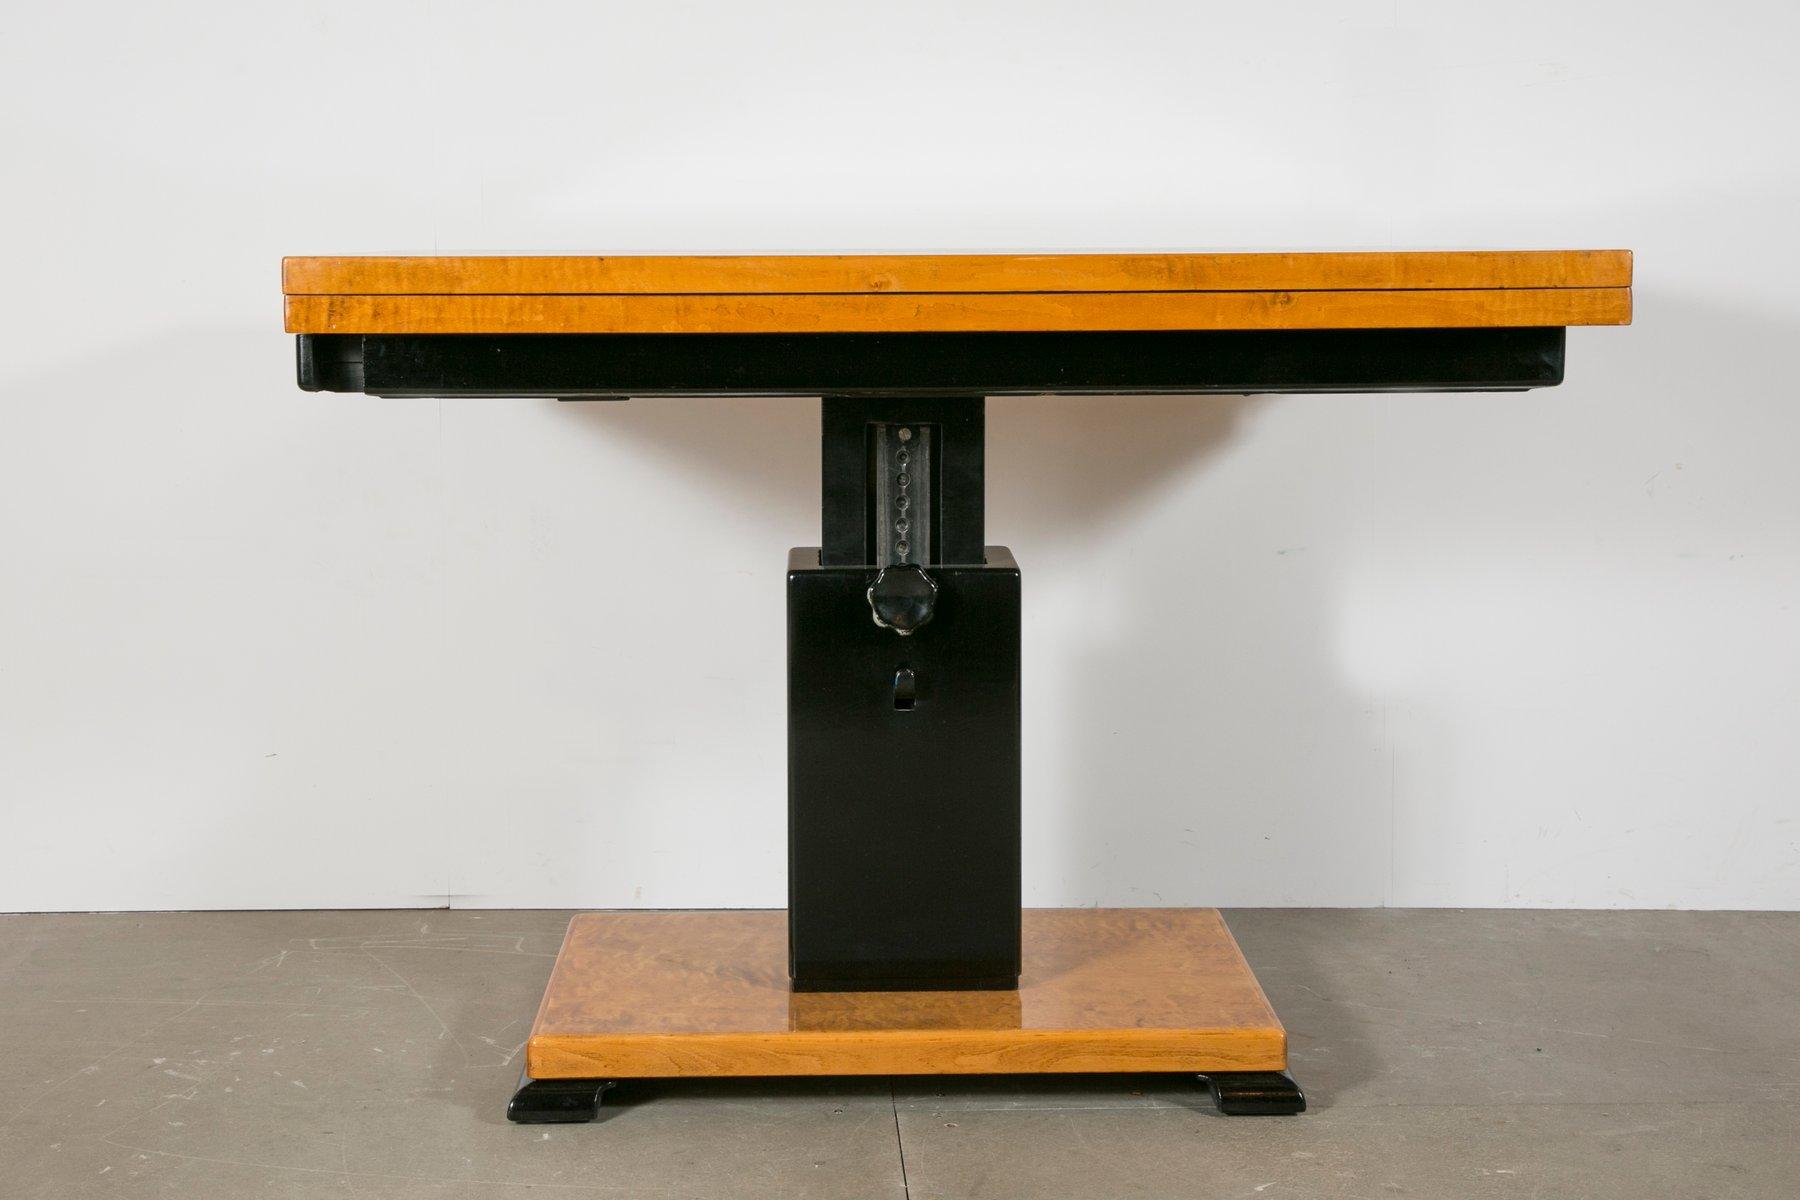 Verstellbarer tisch von otto wretling 1936 bei pamono kaufen for Tisch otto versand